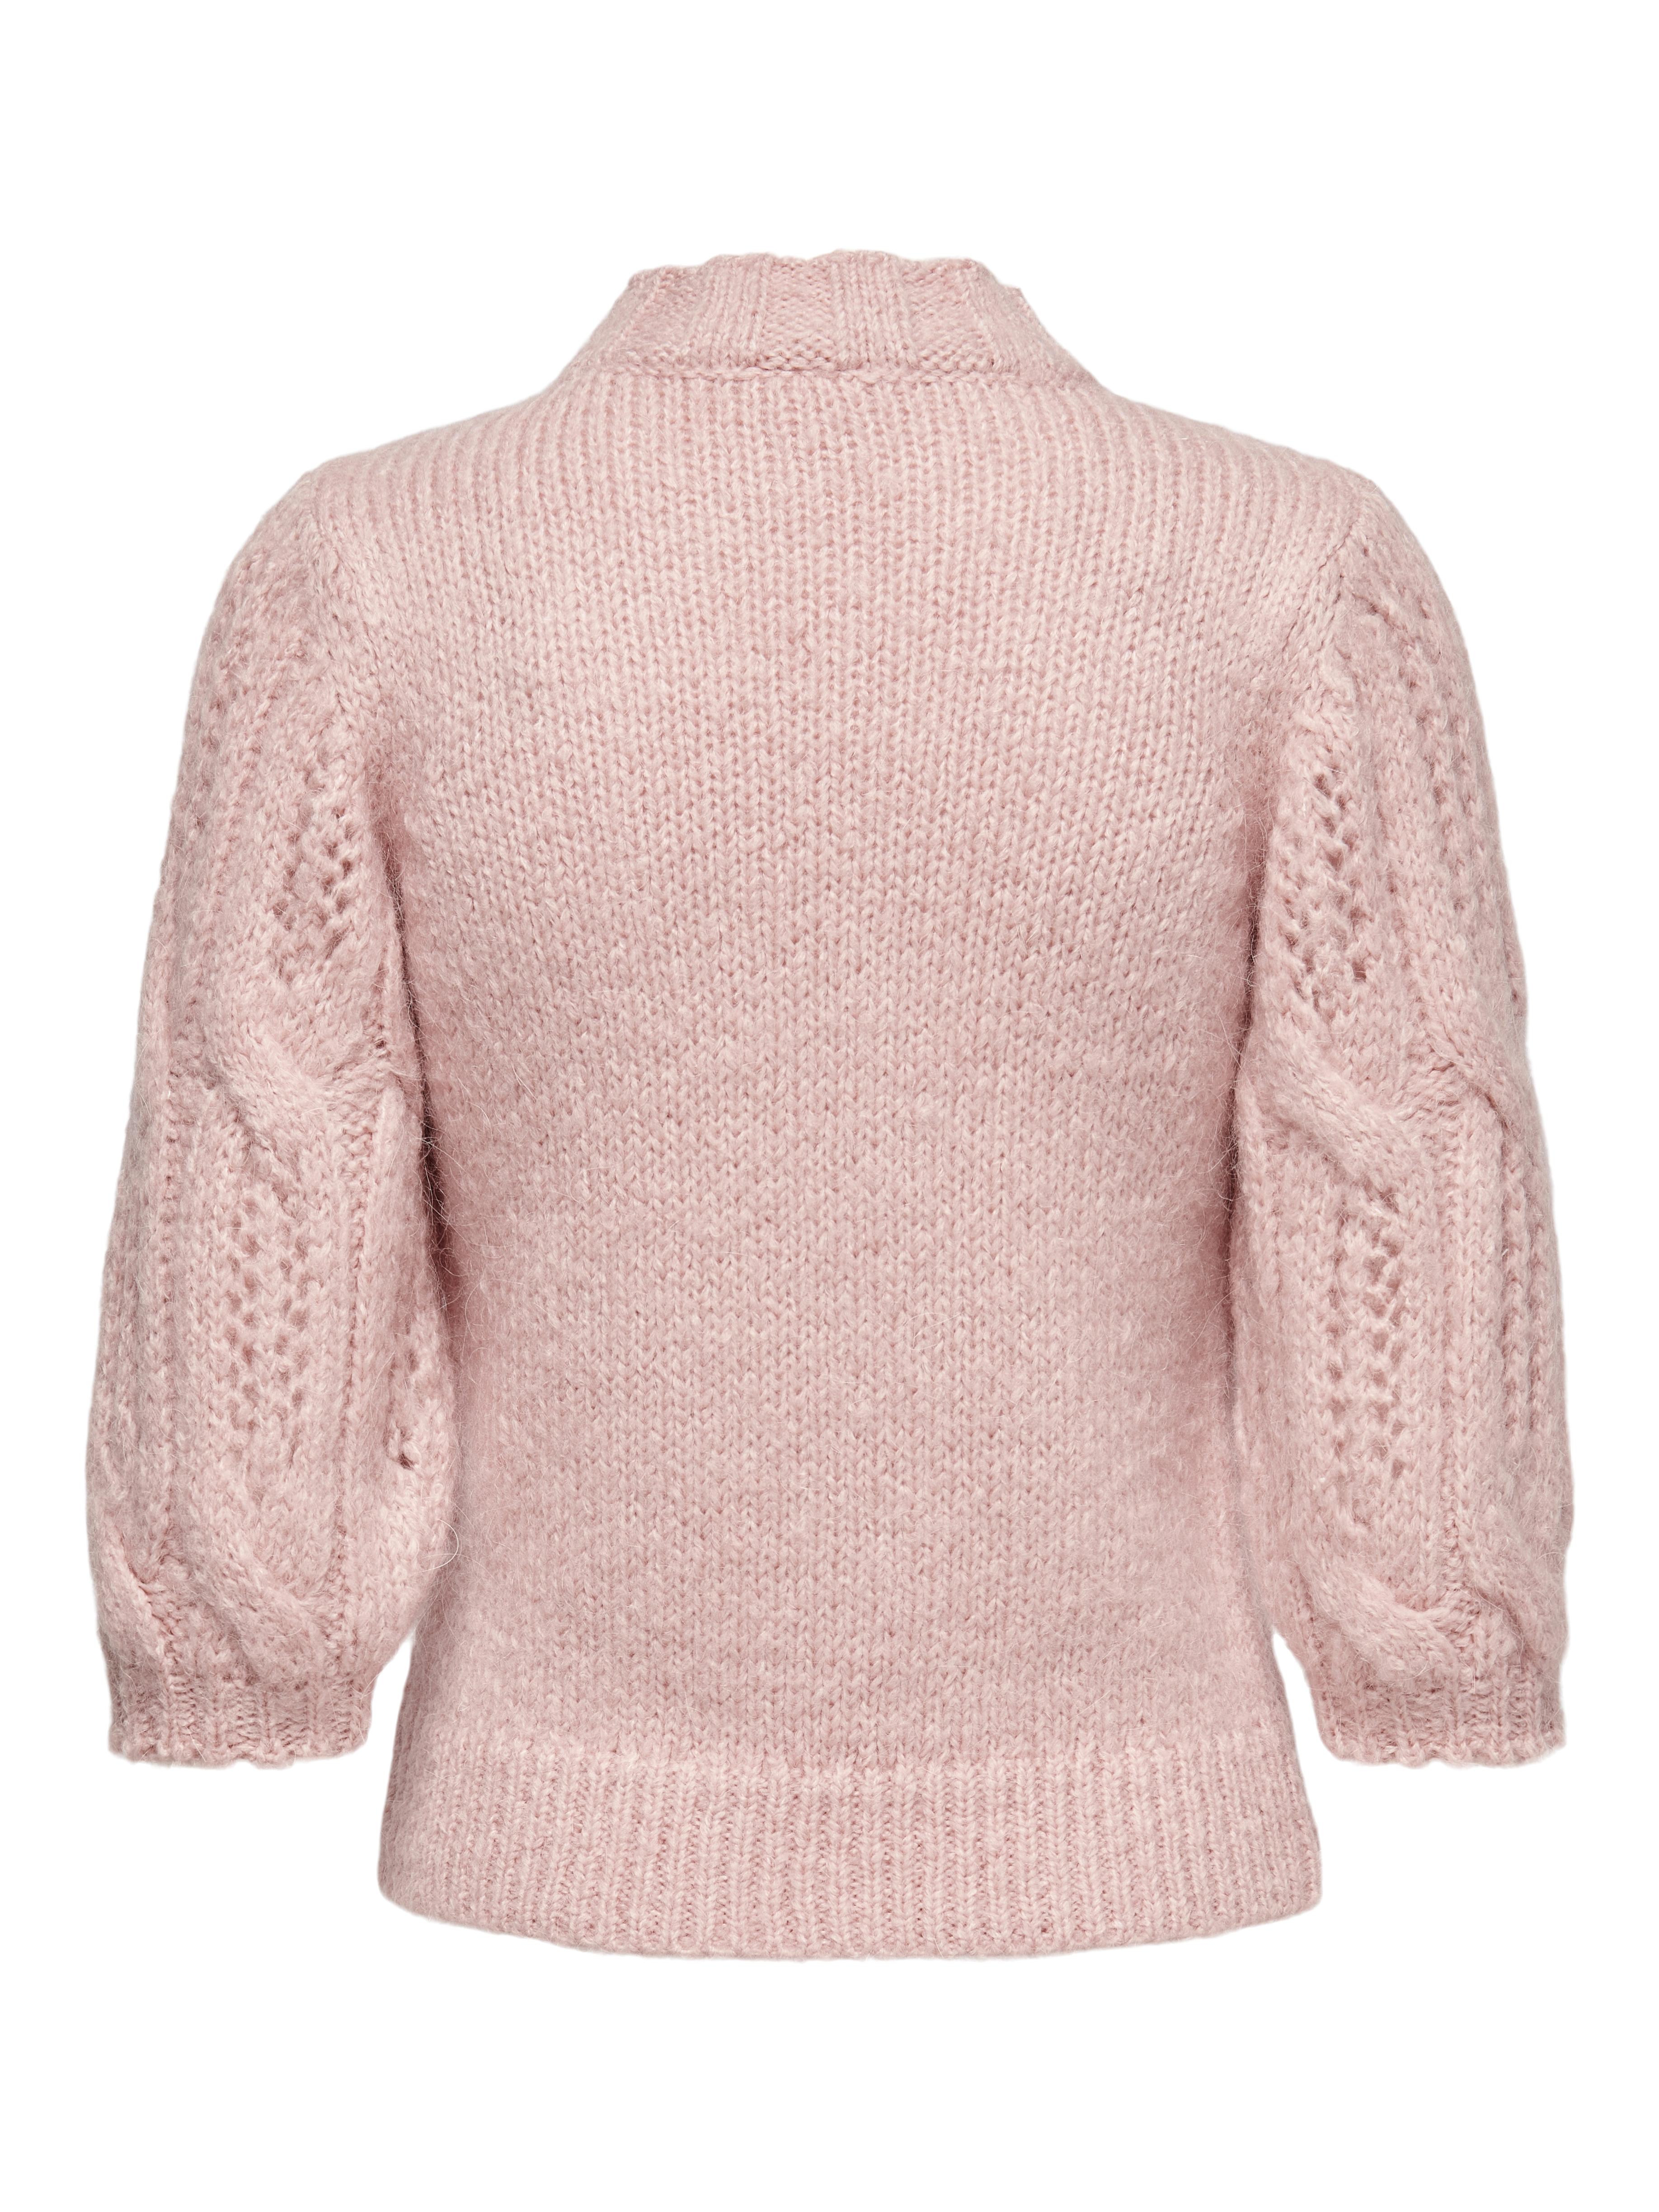 ONLY Sussie striktrøje, silver pink, S